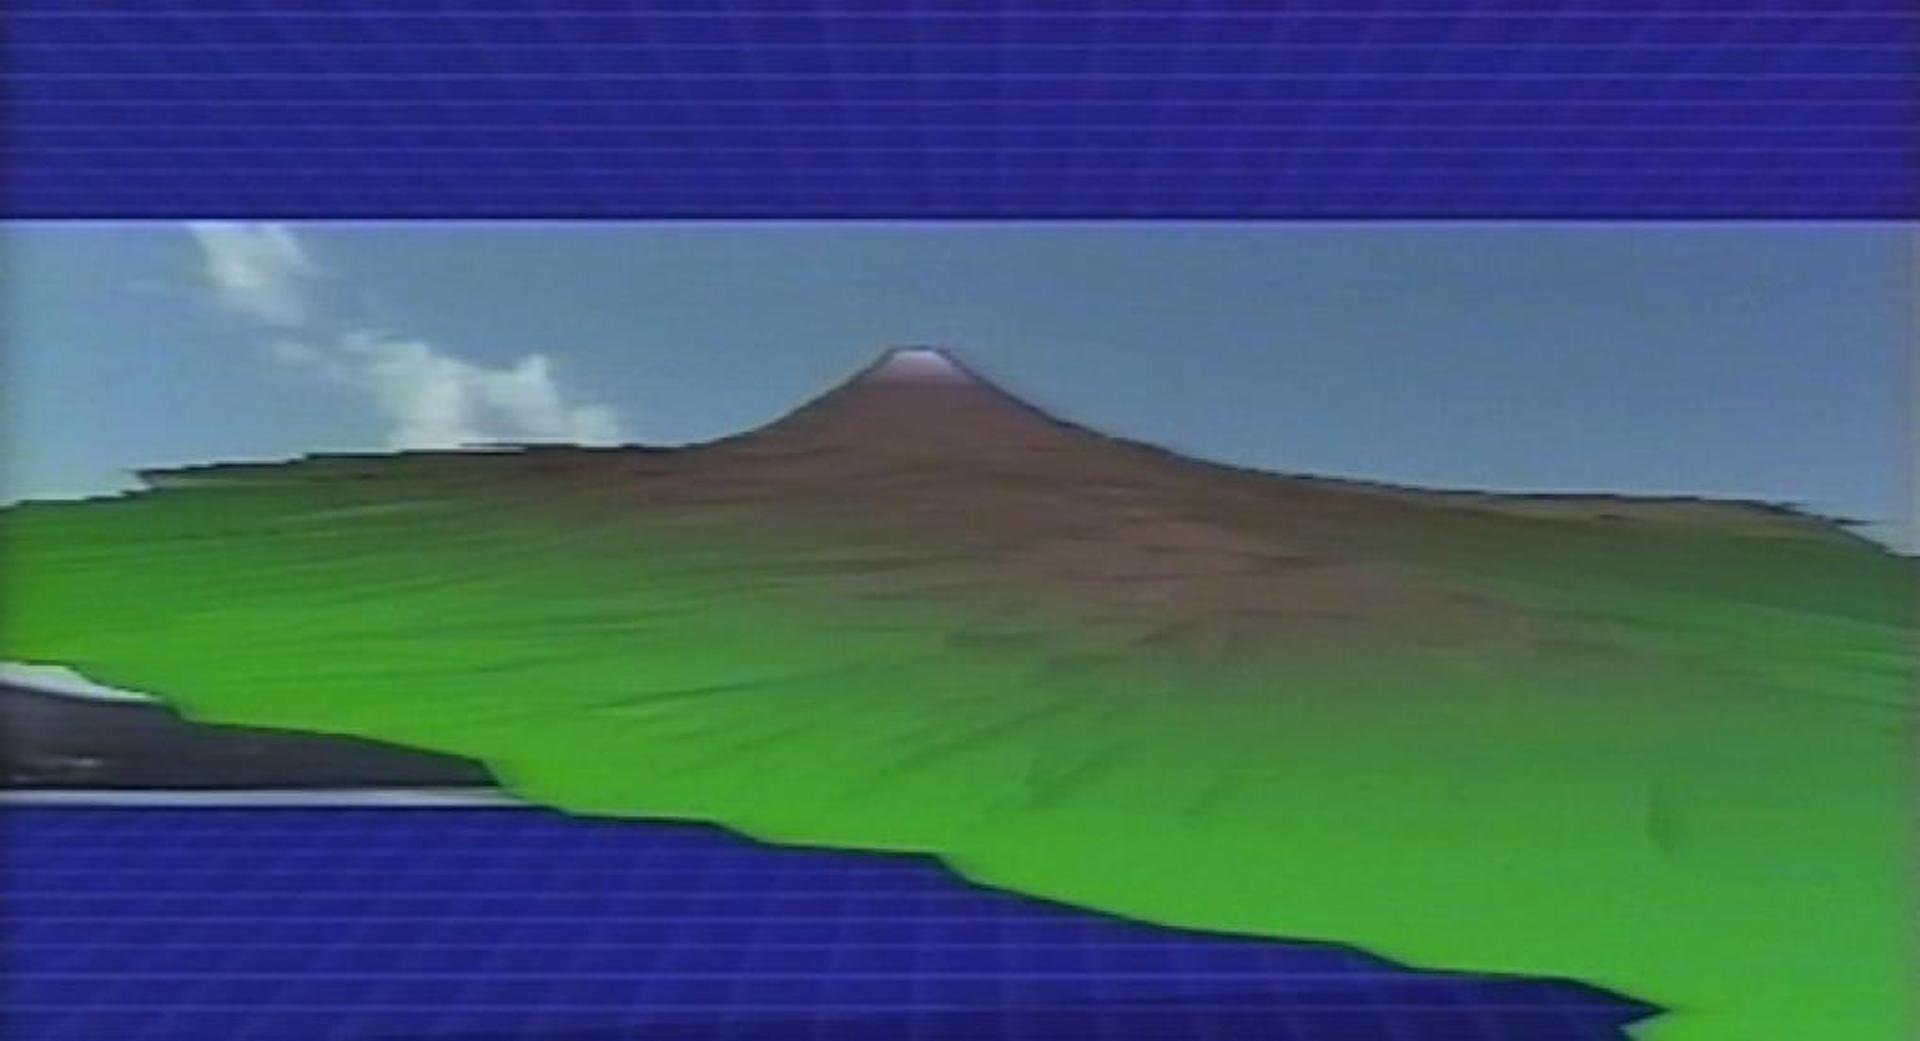 ©1985, Ko Nakajima, Mt. Fuji